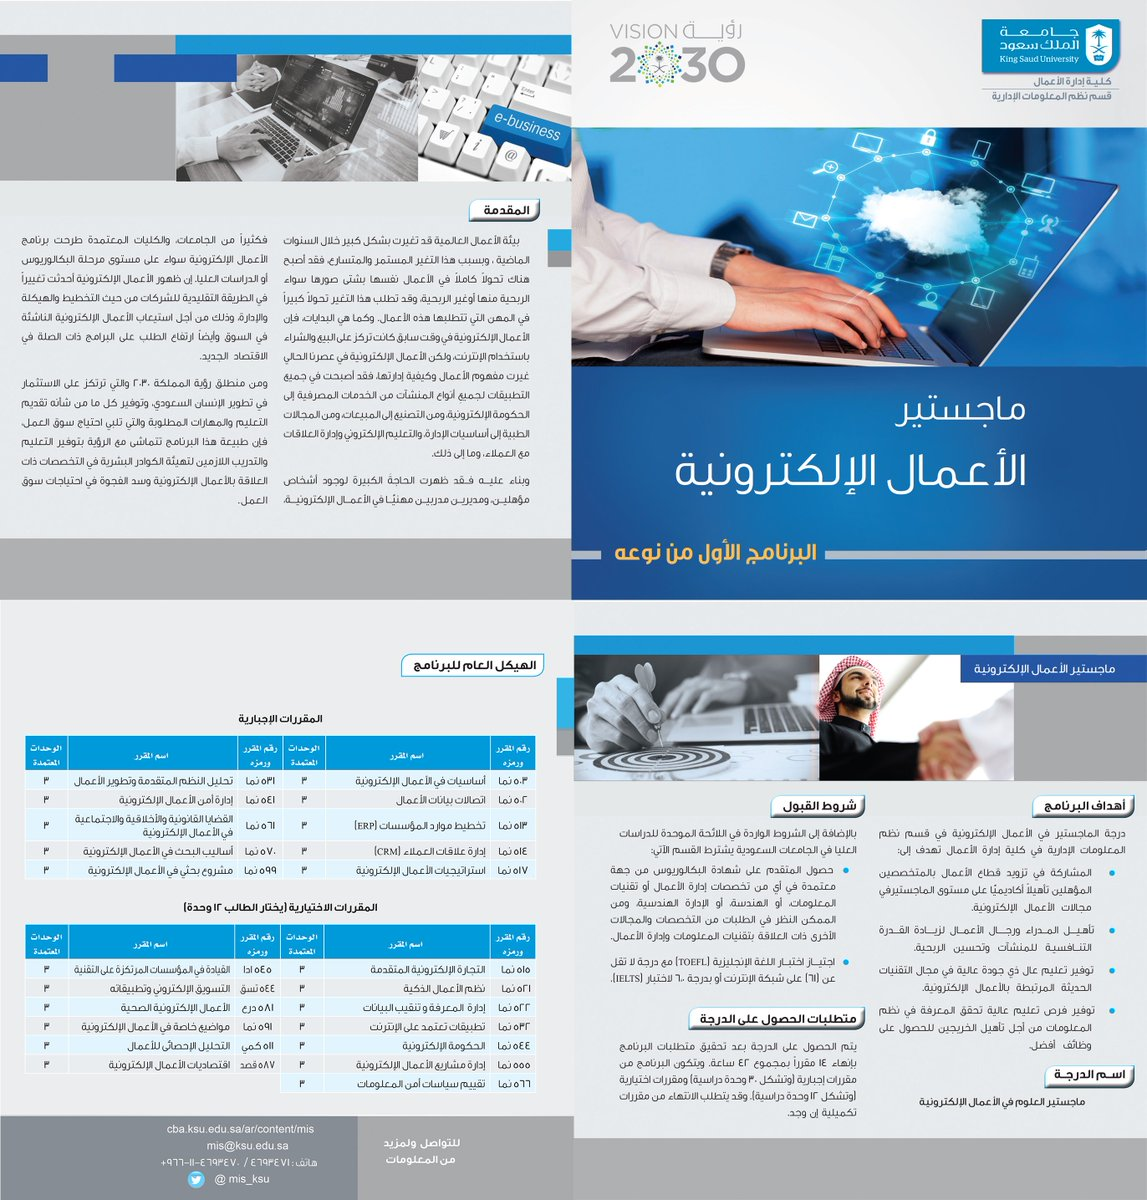 اسئلة اختبار مادة إدارة الأعمال الإلكترونية الفصل الدراسي الثاني 1435هـ  نموذج (c)